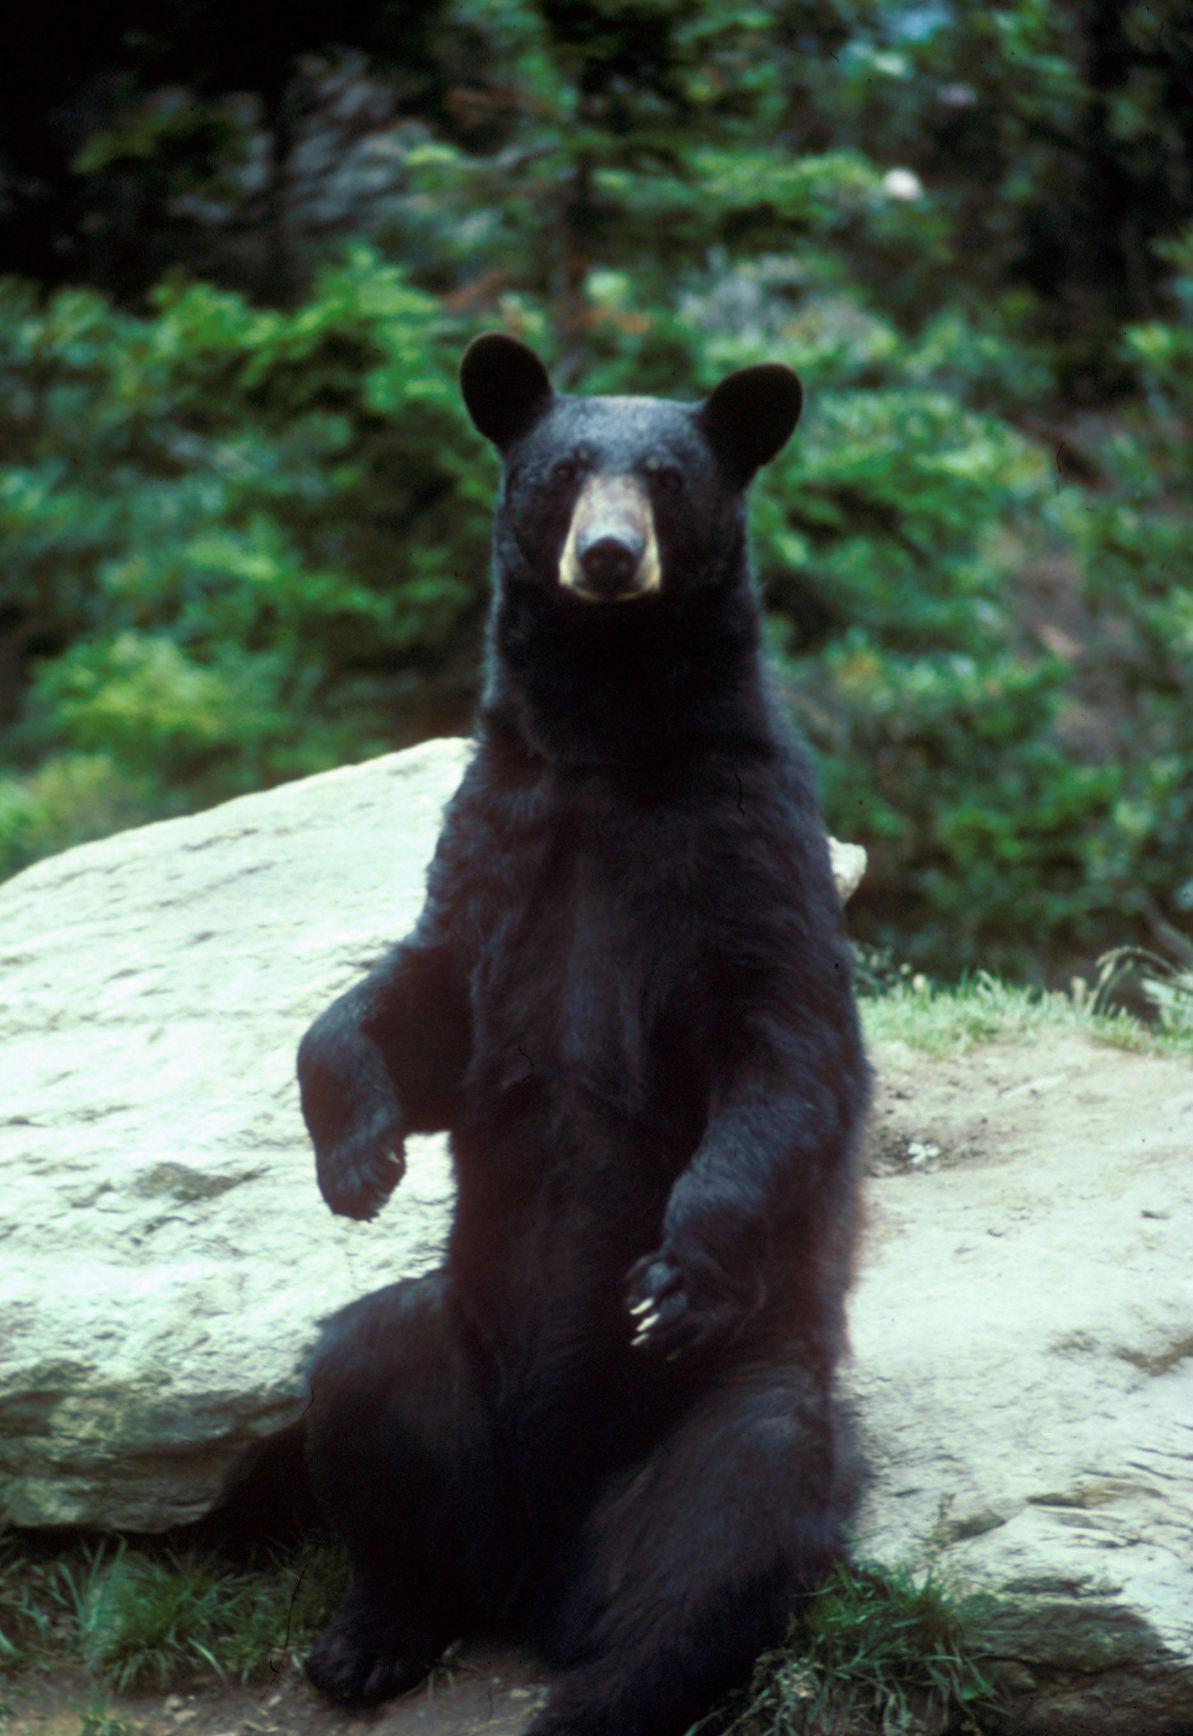 Black bears are returning to Oklahoma